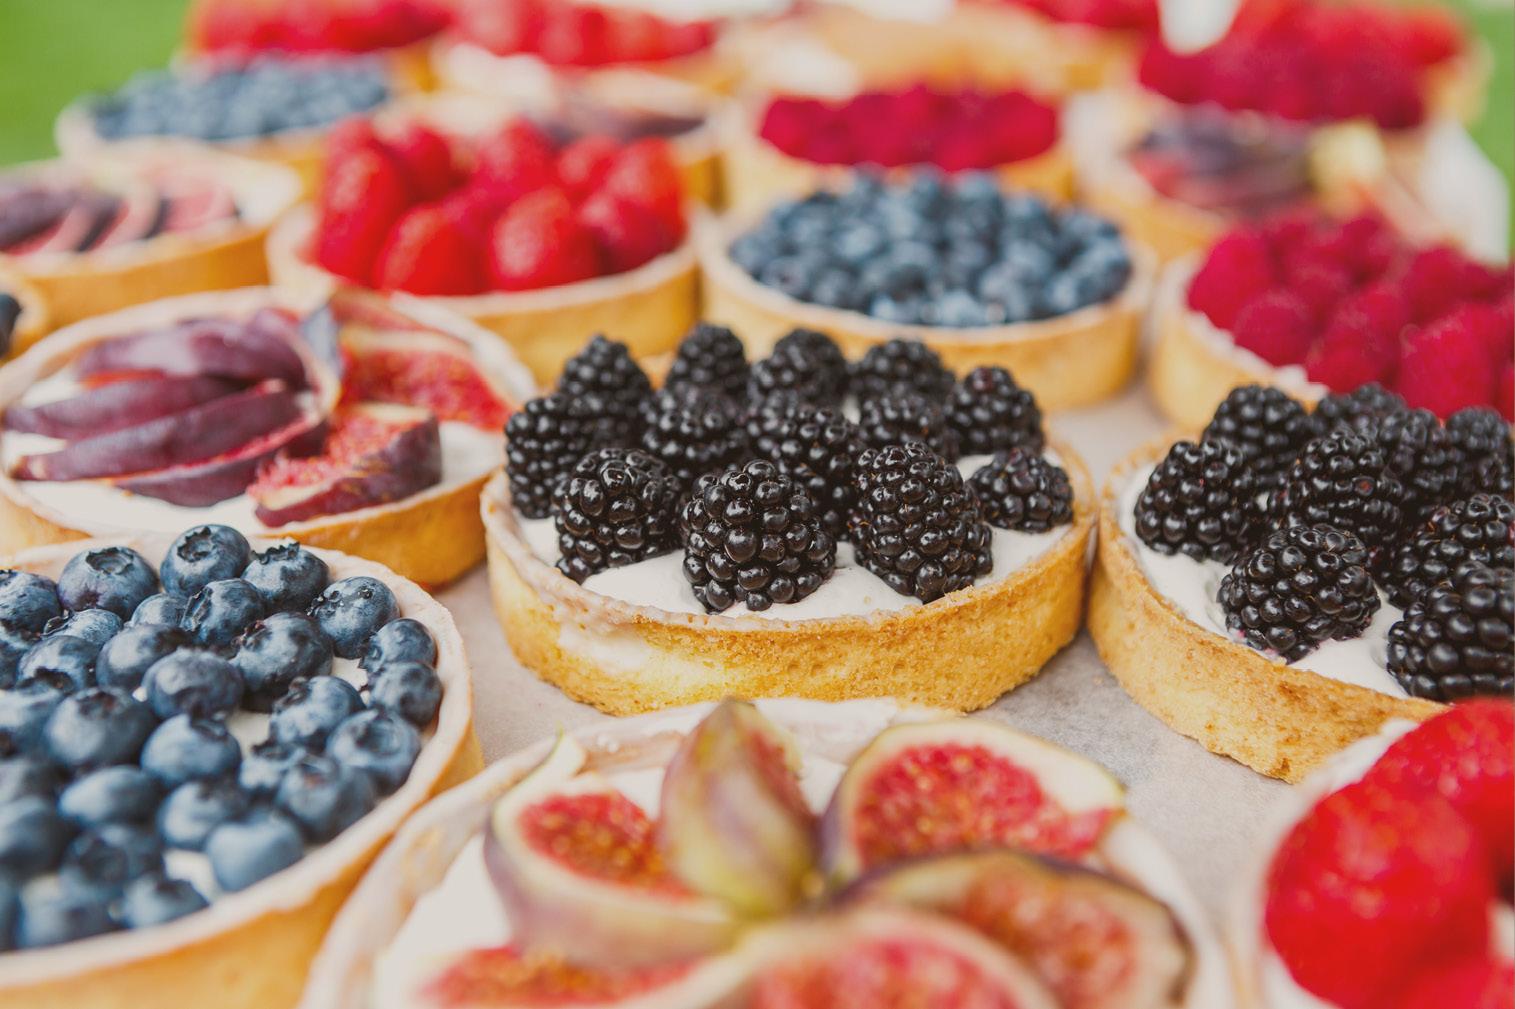 GODUTO_Patisserie_Desserts_6